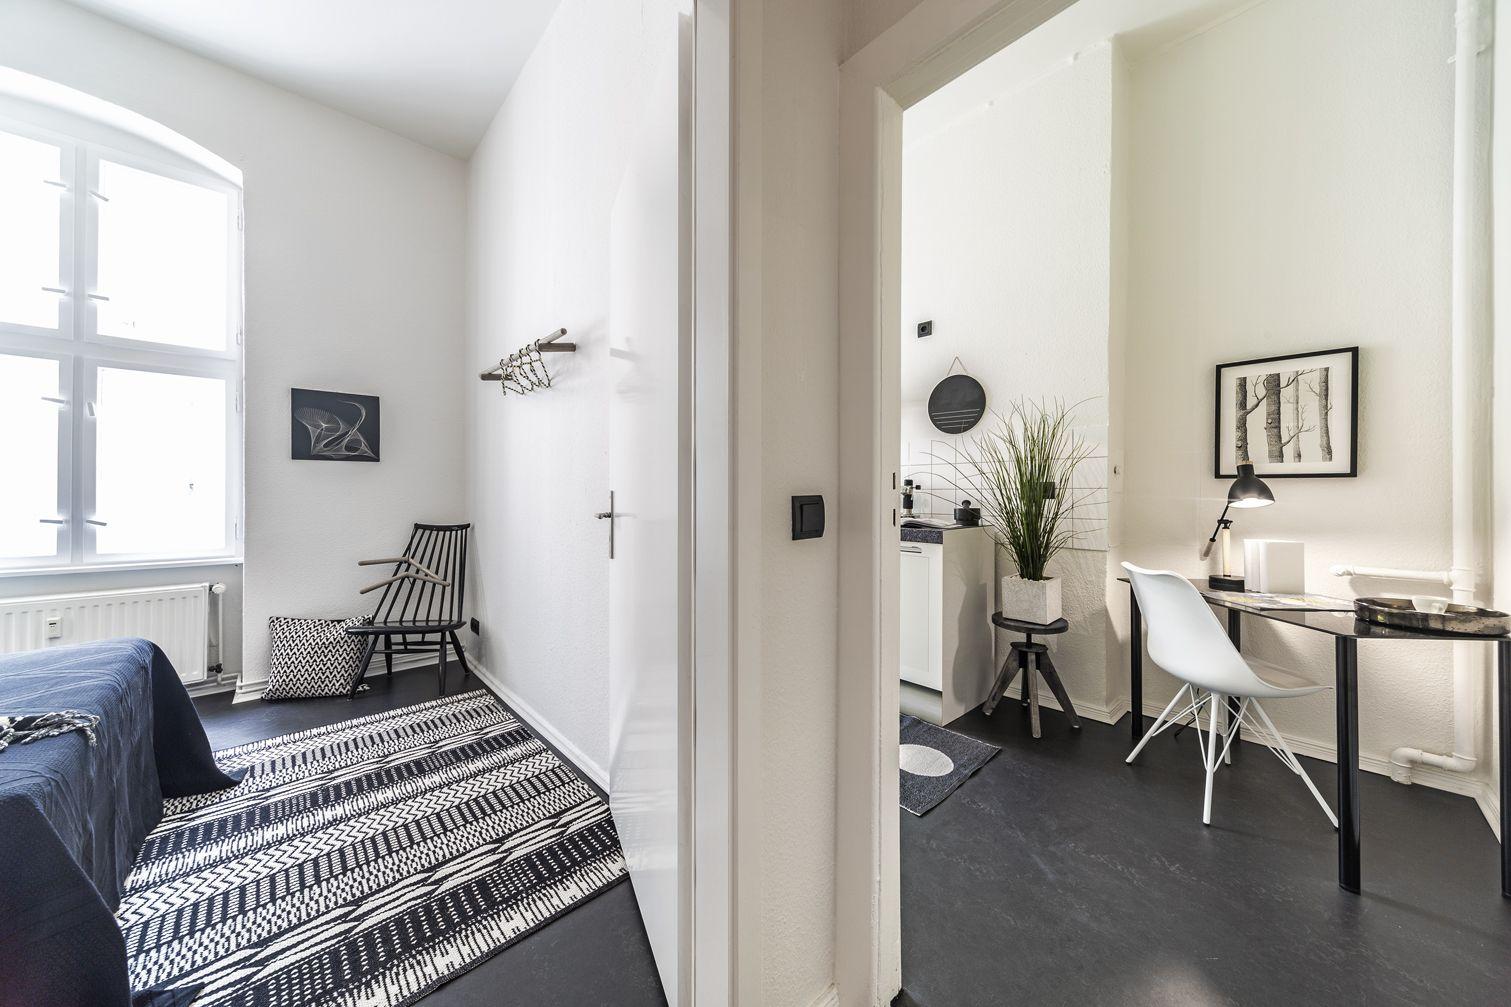 Alle Wohnungen Verfugen Uber Einen Balkon Wohnung 2 Zimmer Wohnung Wohnung Kaufen